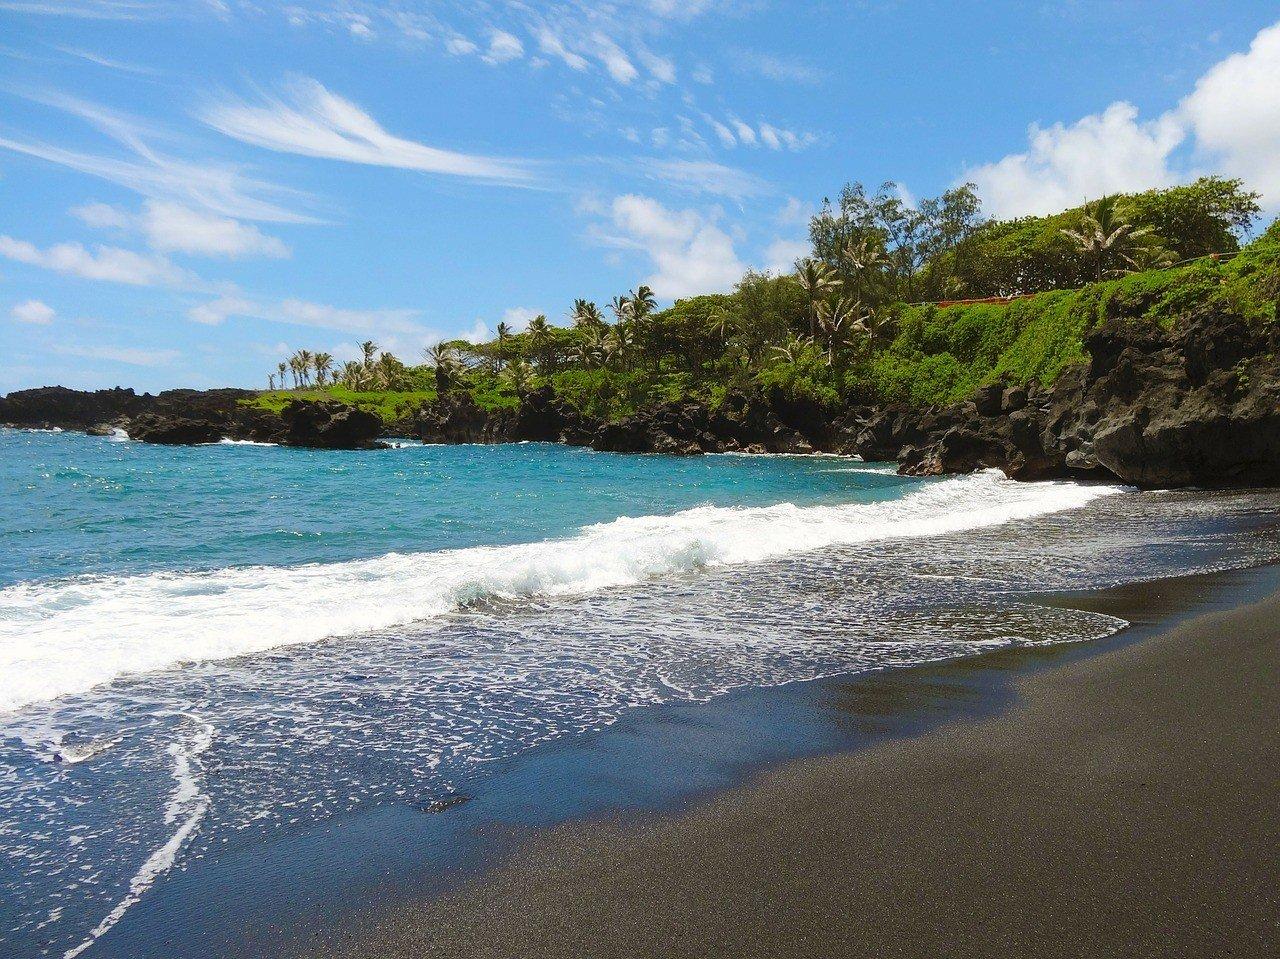 Pa'iloa Black Sand Beach, Maui